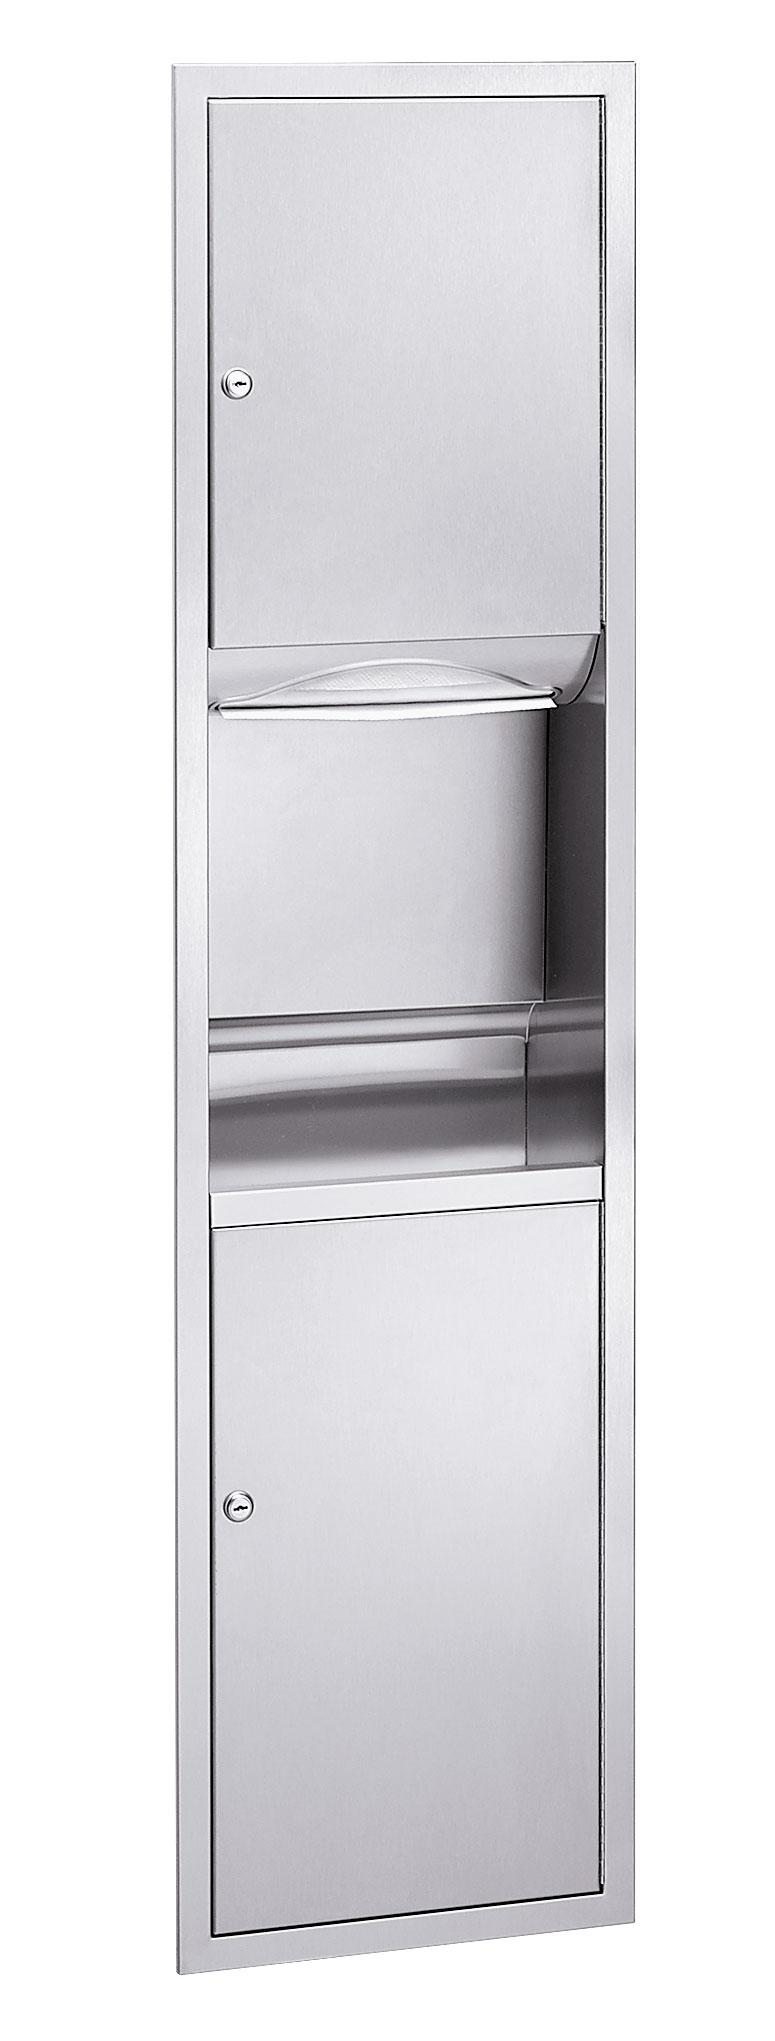 Bradley 2252-10 Semi-Recessed Folded Towel Dispenser & 4.9 gal. Waste Receptacle